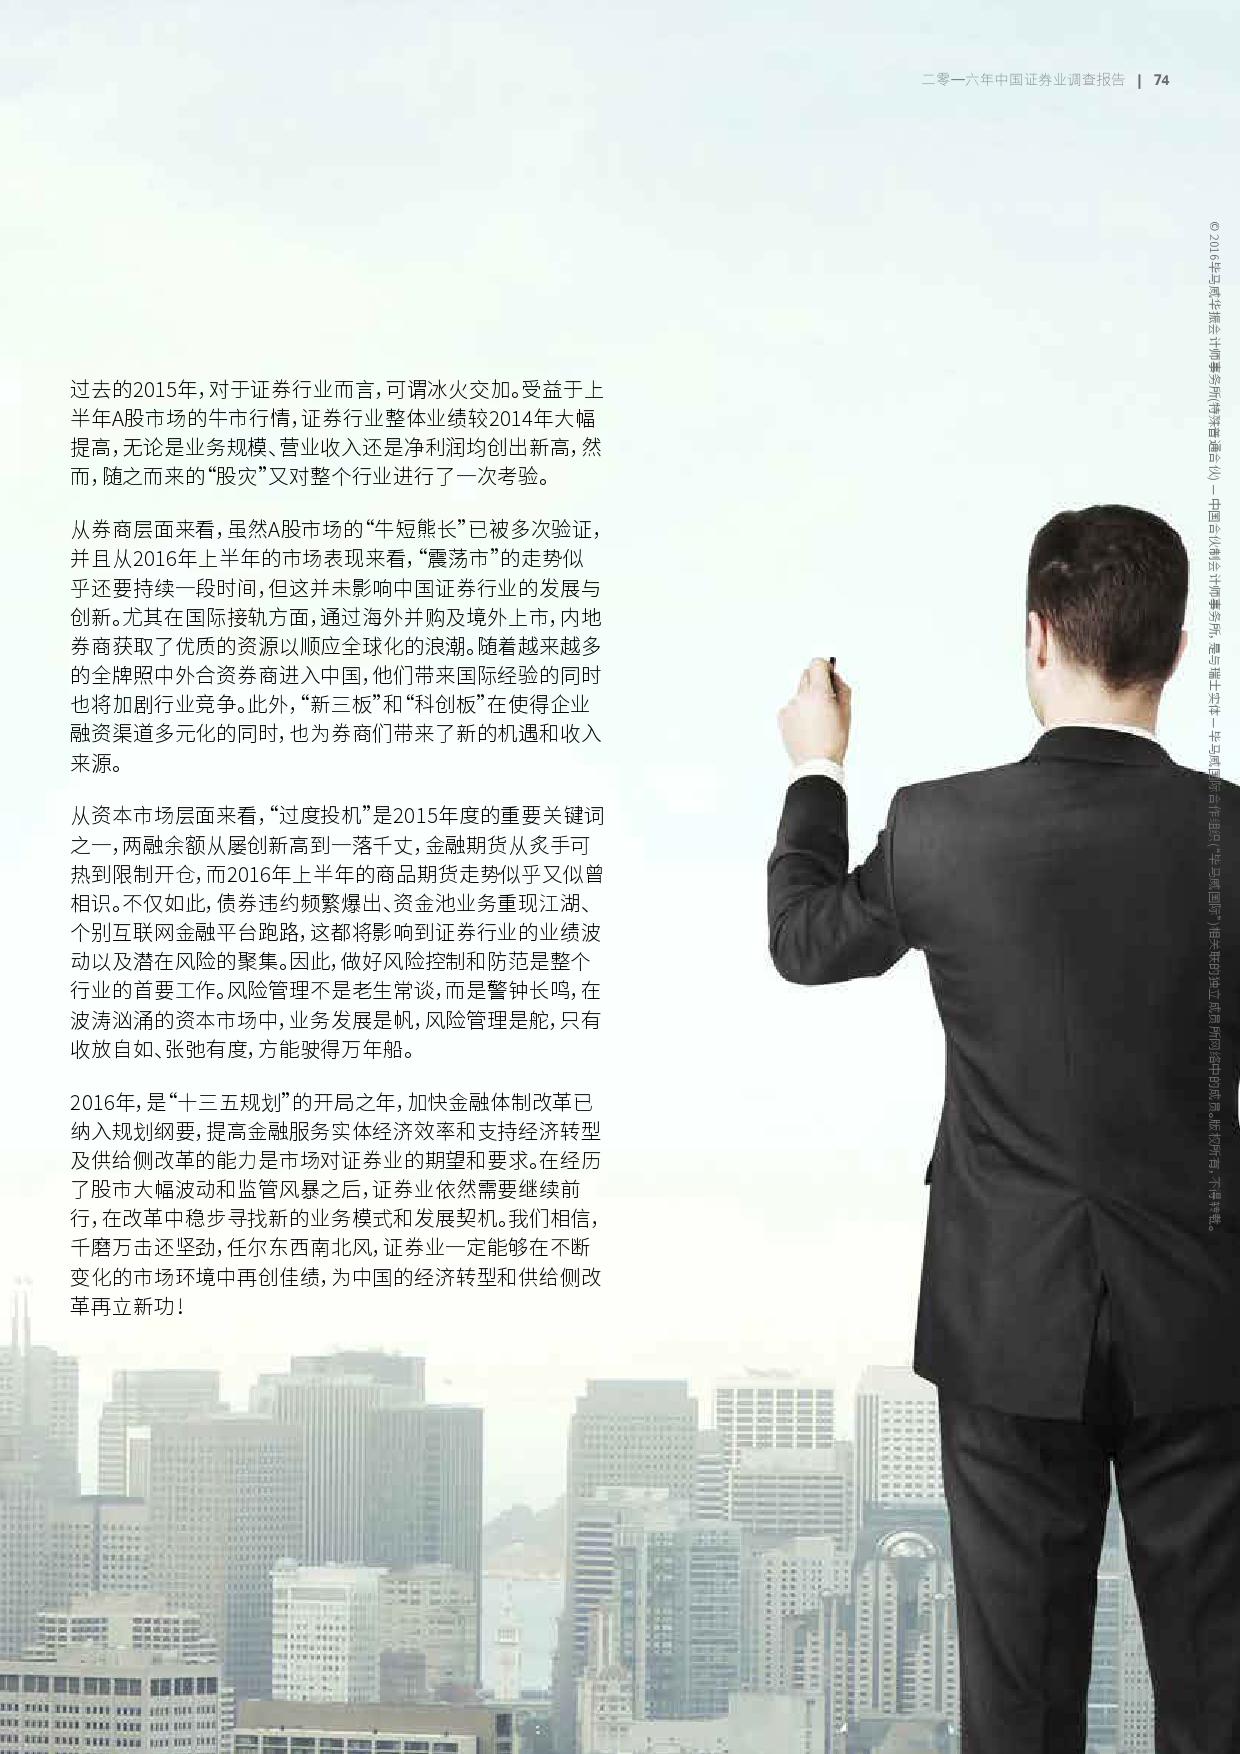 2016年中国证券业调查报告_000077